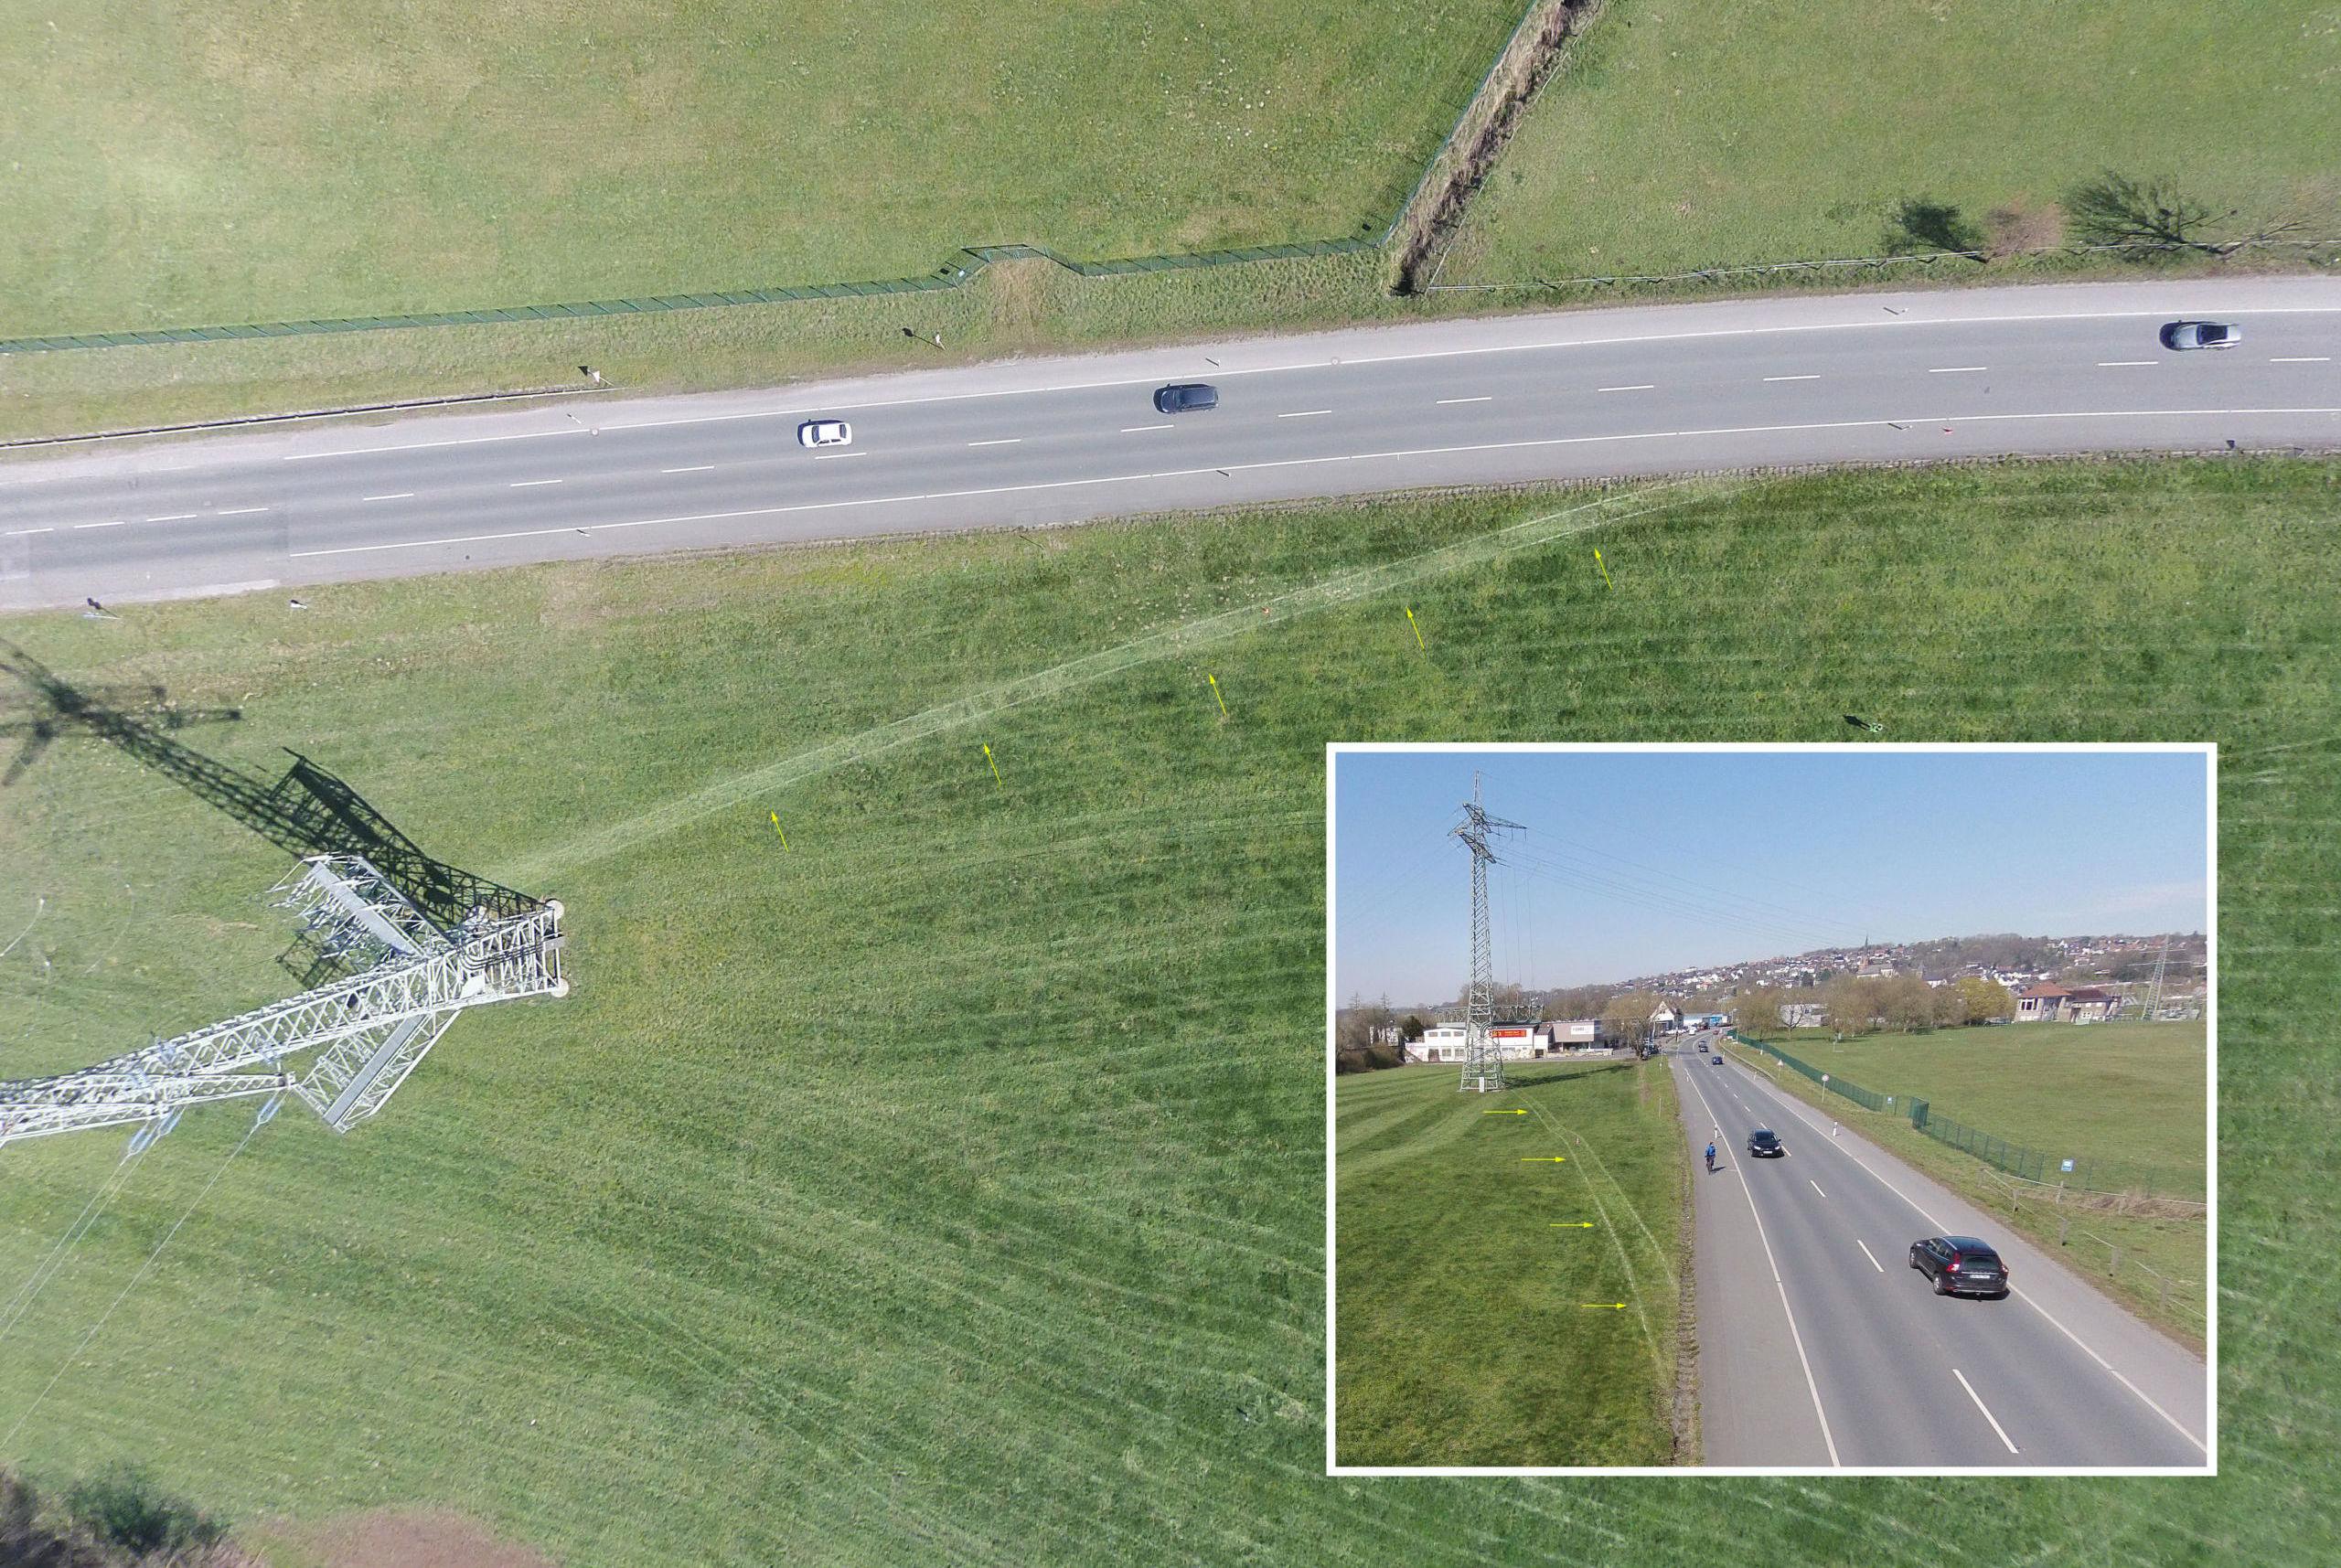 Luftbildaufnahme mit der Drohne: Spurverlauf nach dem Abkommen von der Fahrbahn